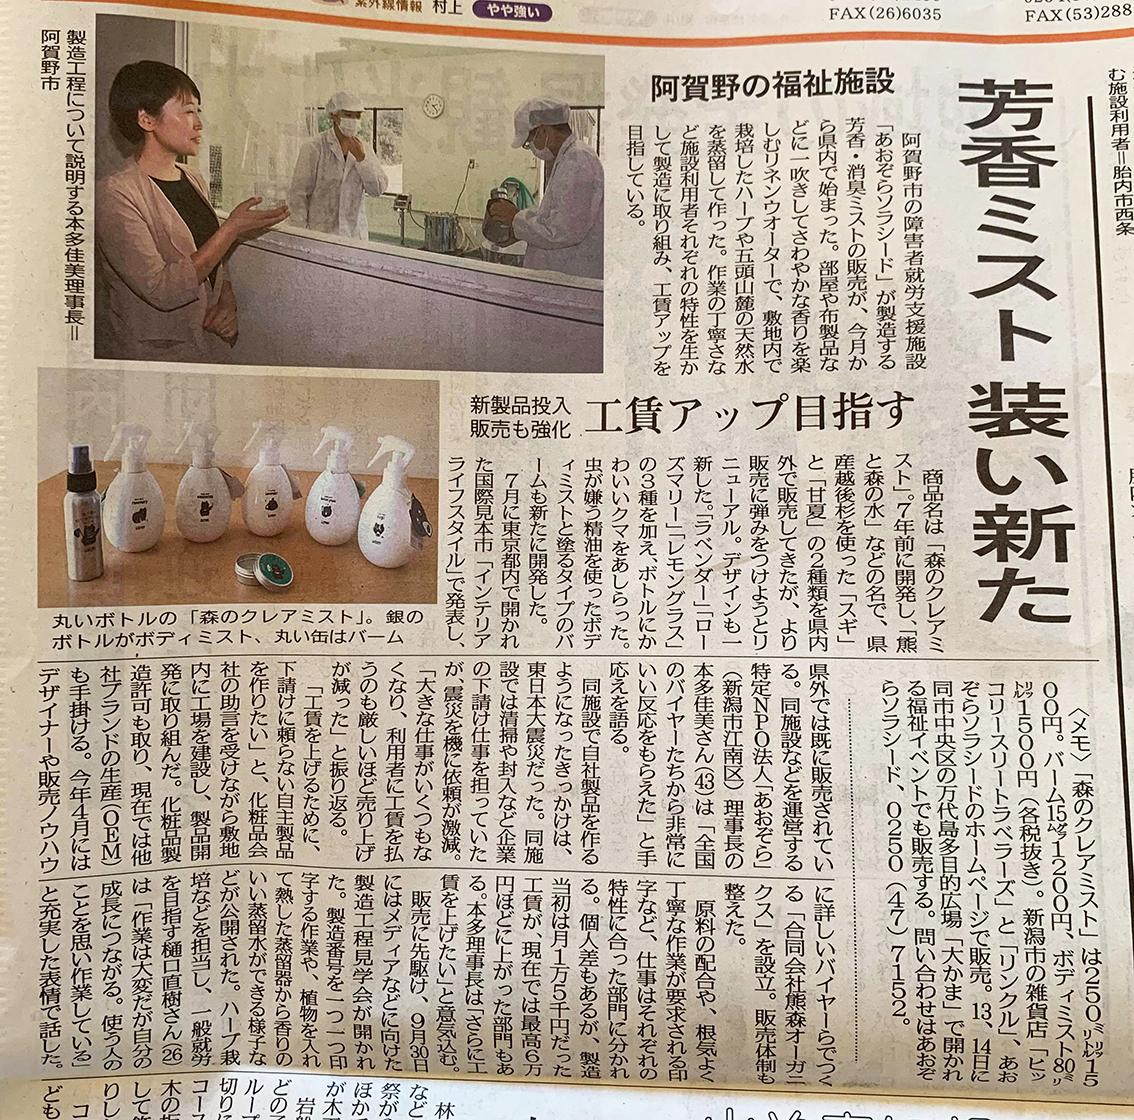 2019.10 新潟日報さんに取材していただきました。